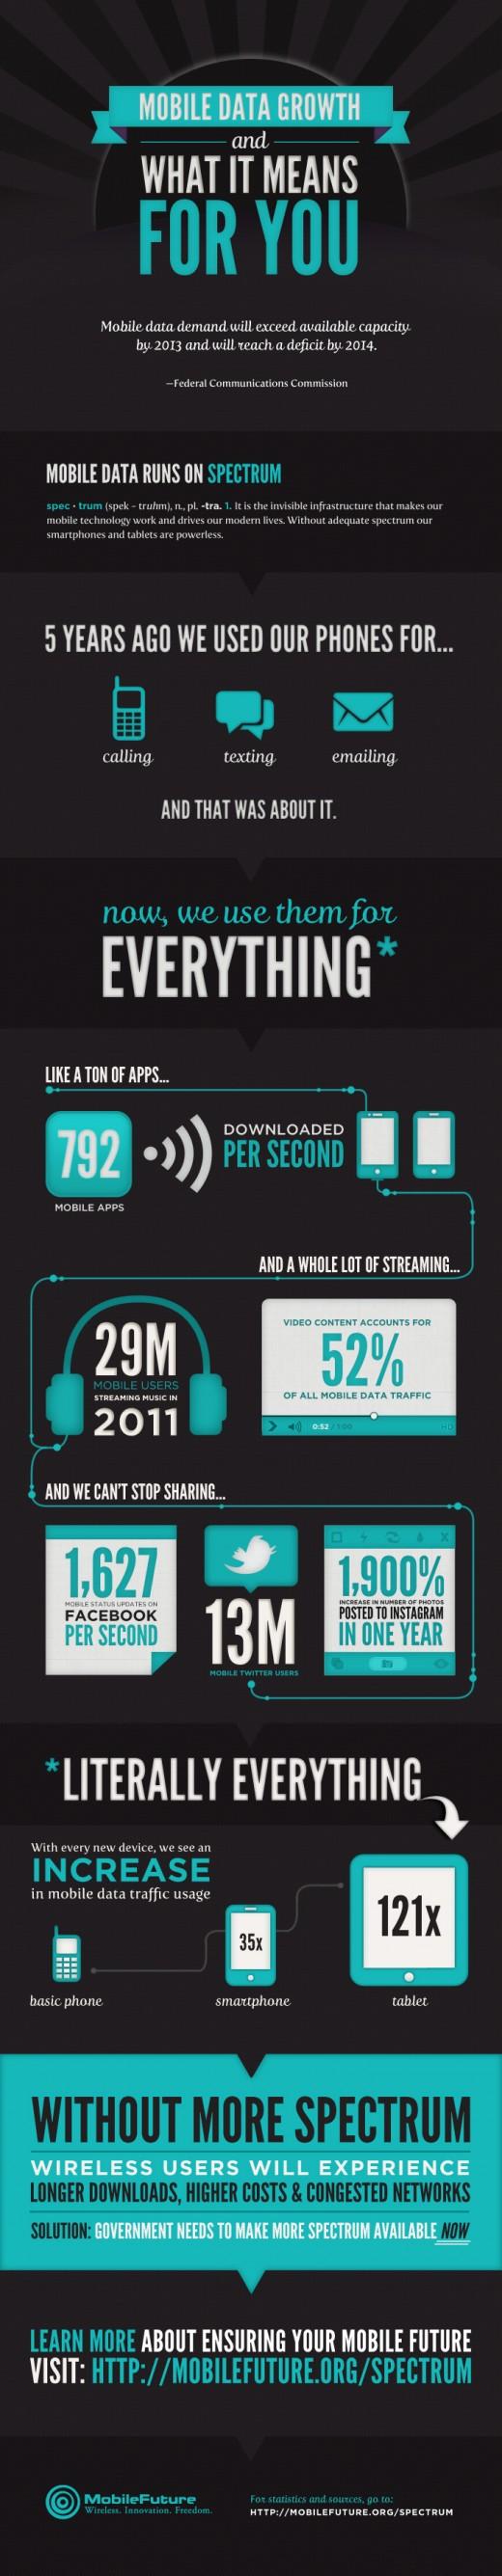 Infographie : Croissance des données mobiles, ce que cela signifie pour vous